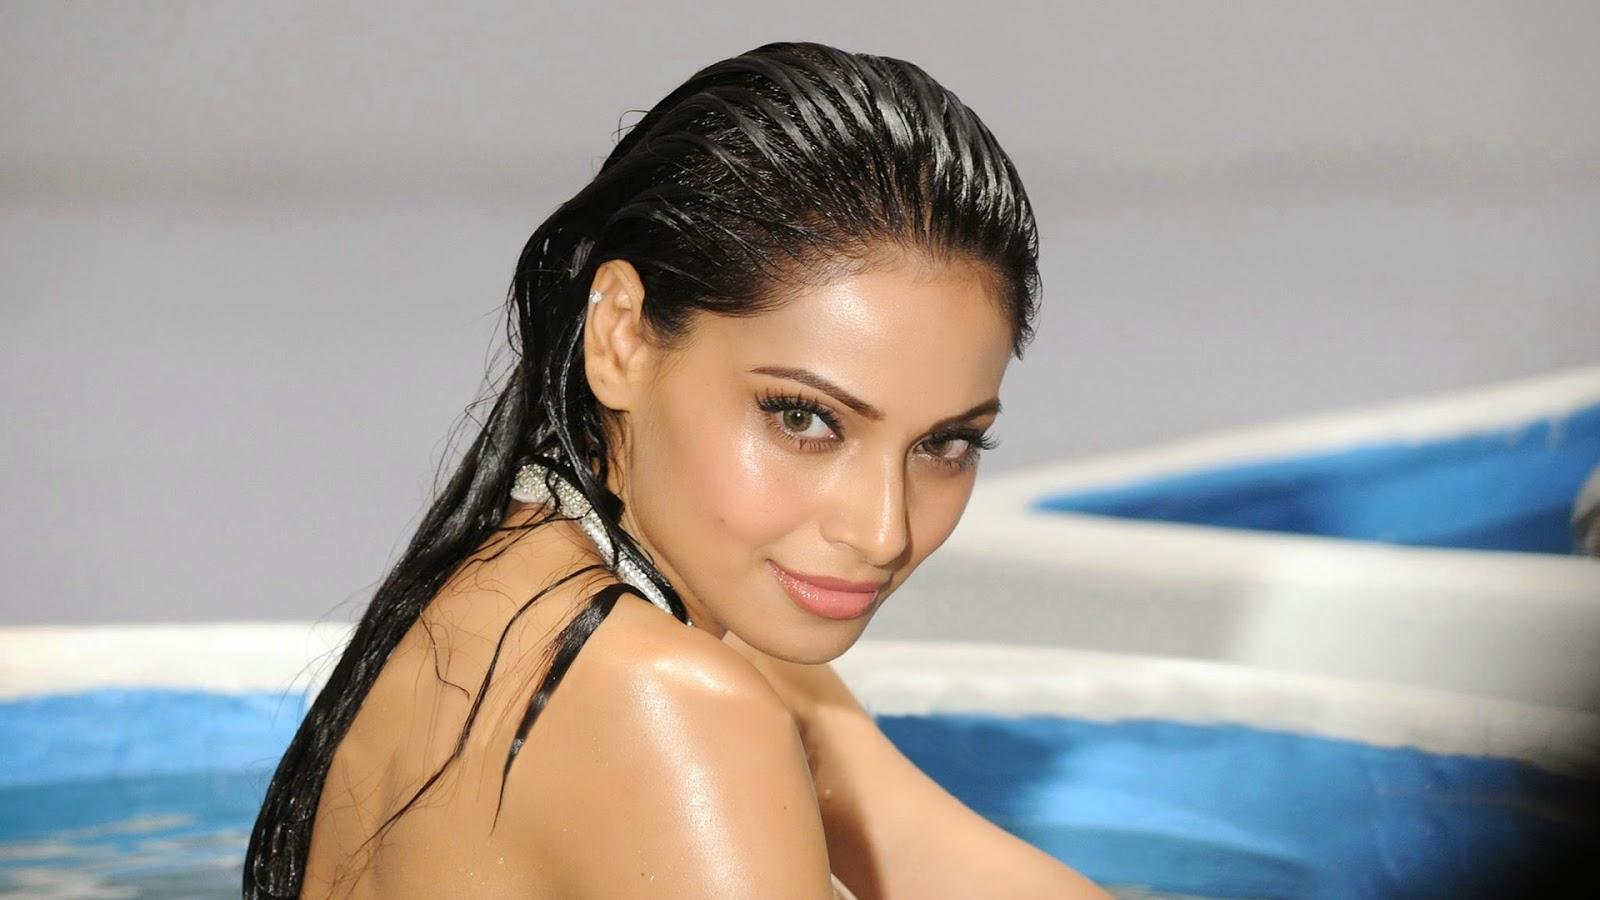 Bipasha basu hot sexy Wallpaper in swimming pool